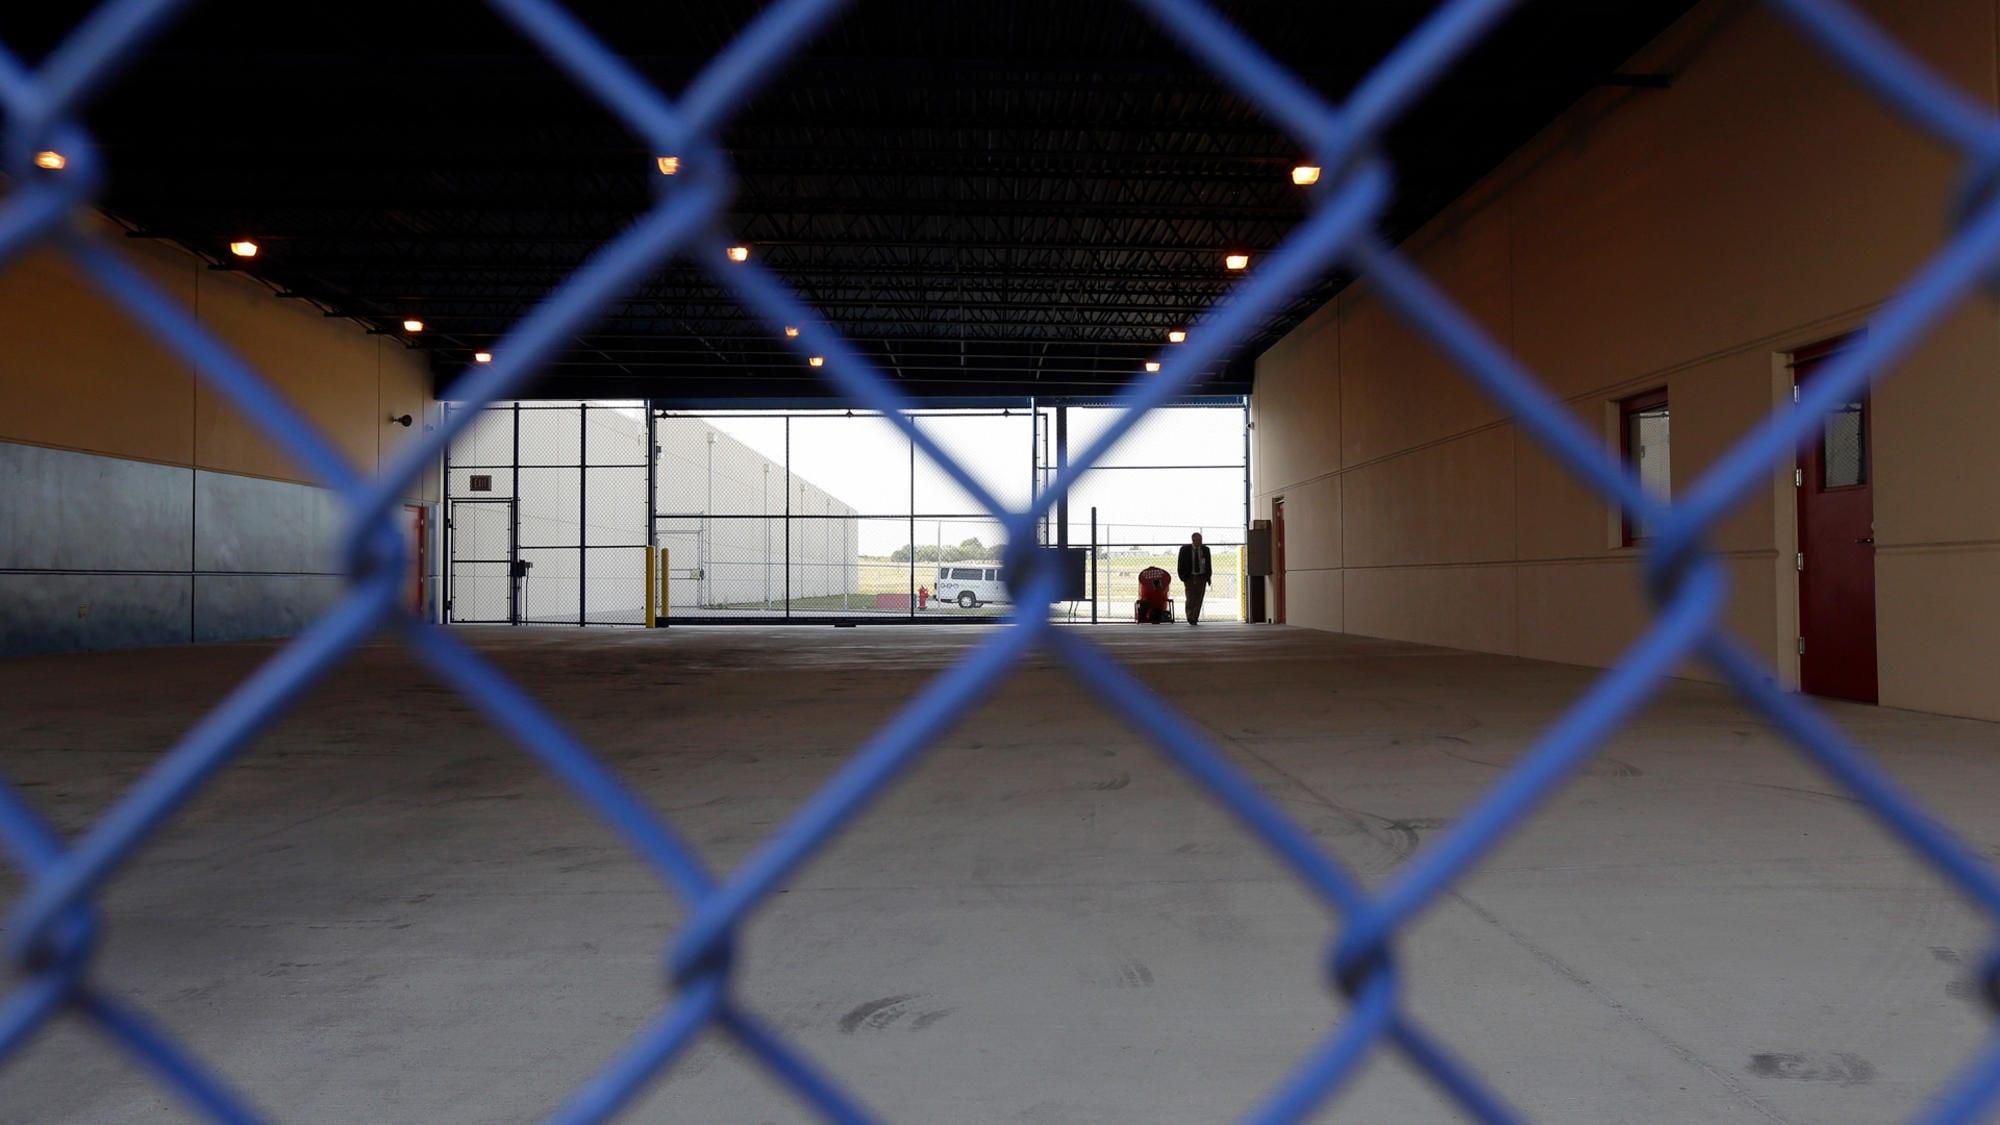 Un  hondureño de 27 años, se quitó la vida en el interior de un centro de detención para familias del Servicio de Inmigración y Aduanas (ICE por sus siglas en inglés).